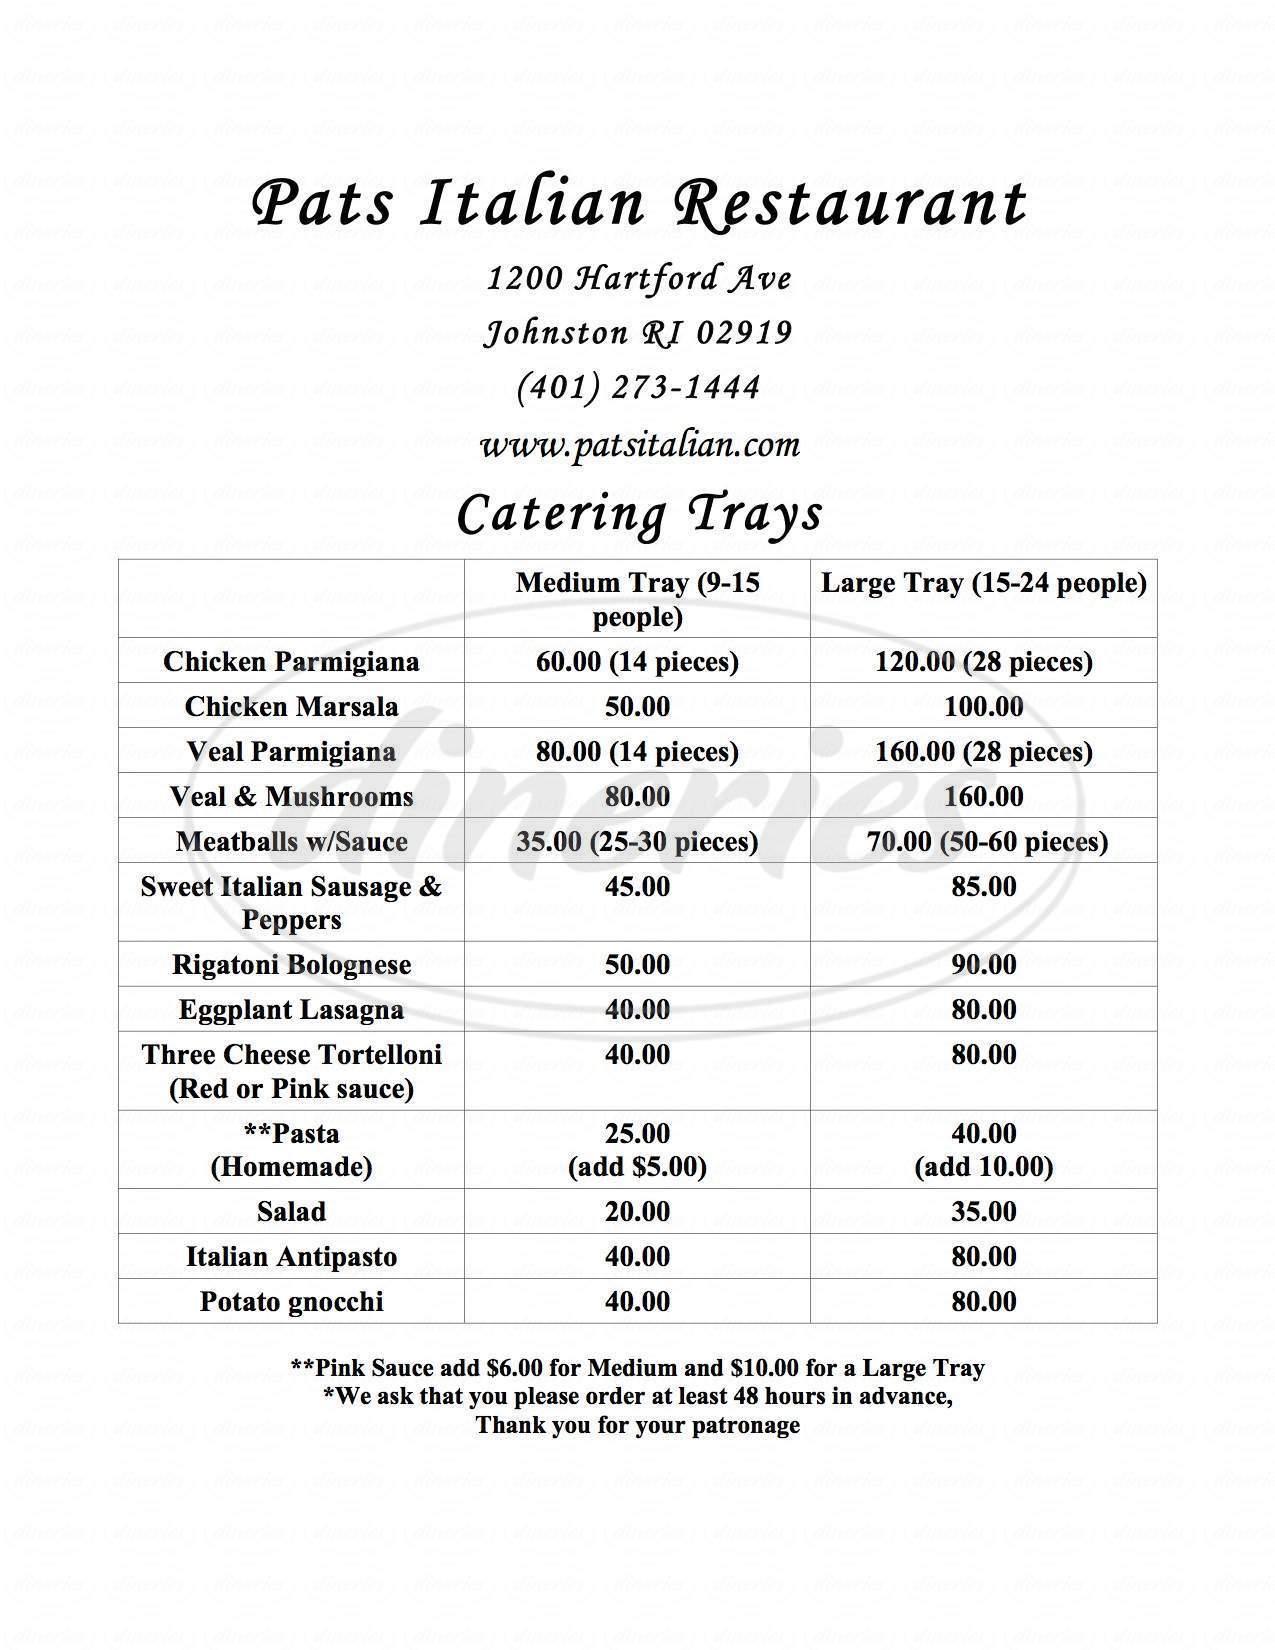 menu for Pat's Italian Restaurant